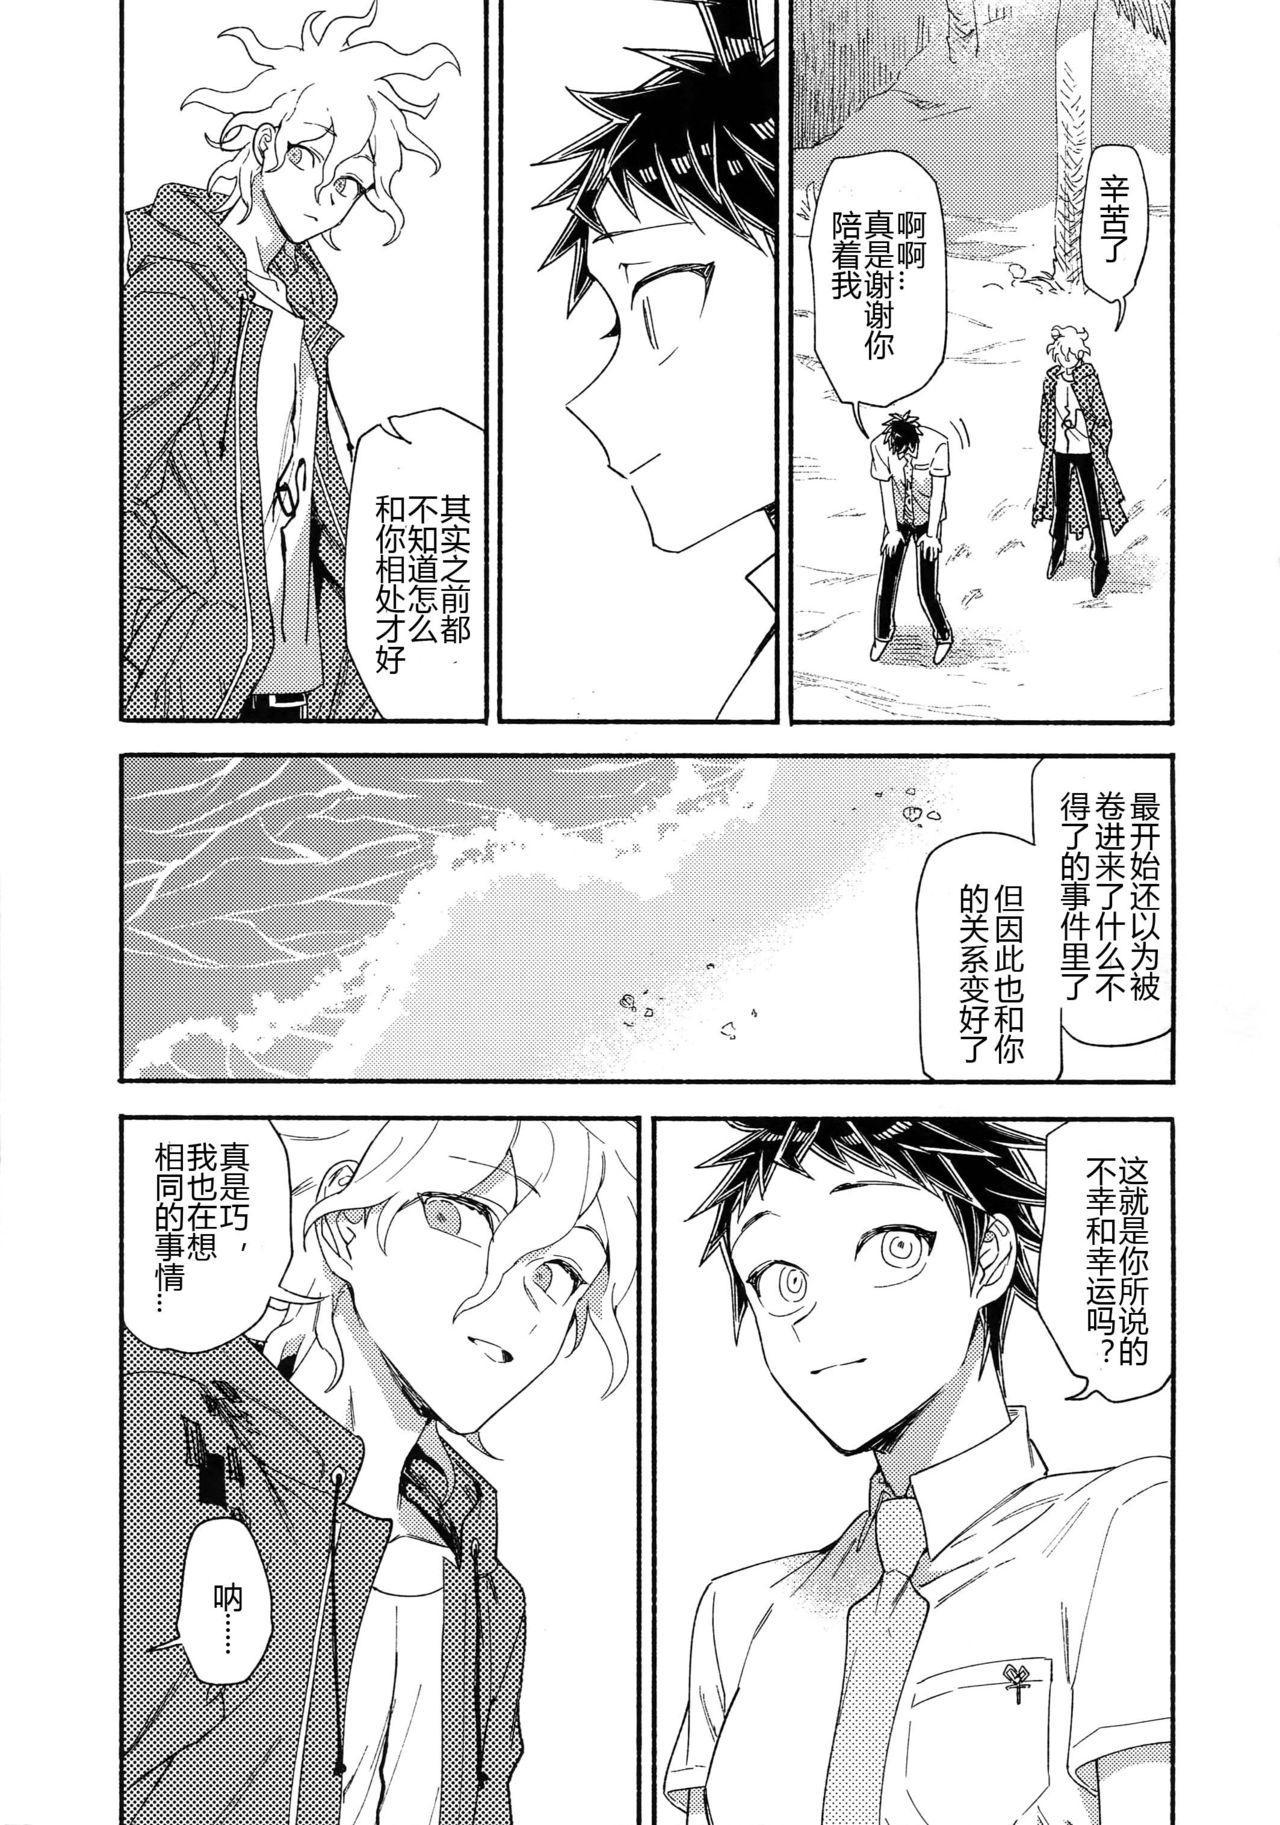 Tsunaide! Shokushu-kun! 连接吧!触手君! 51